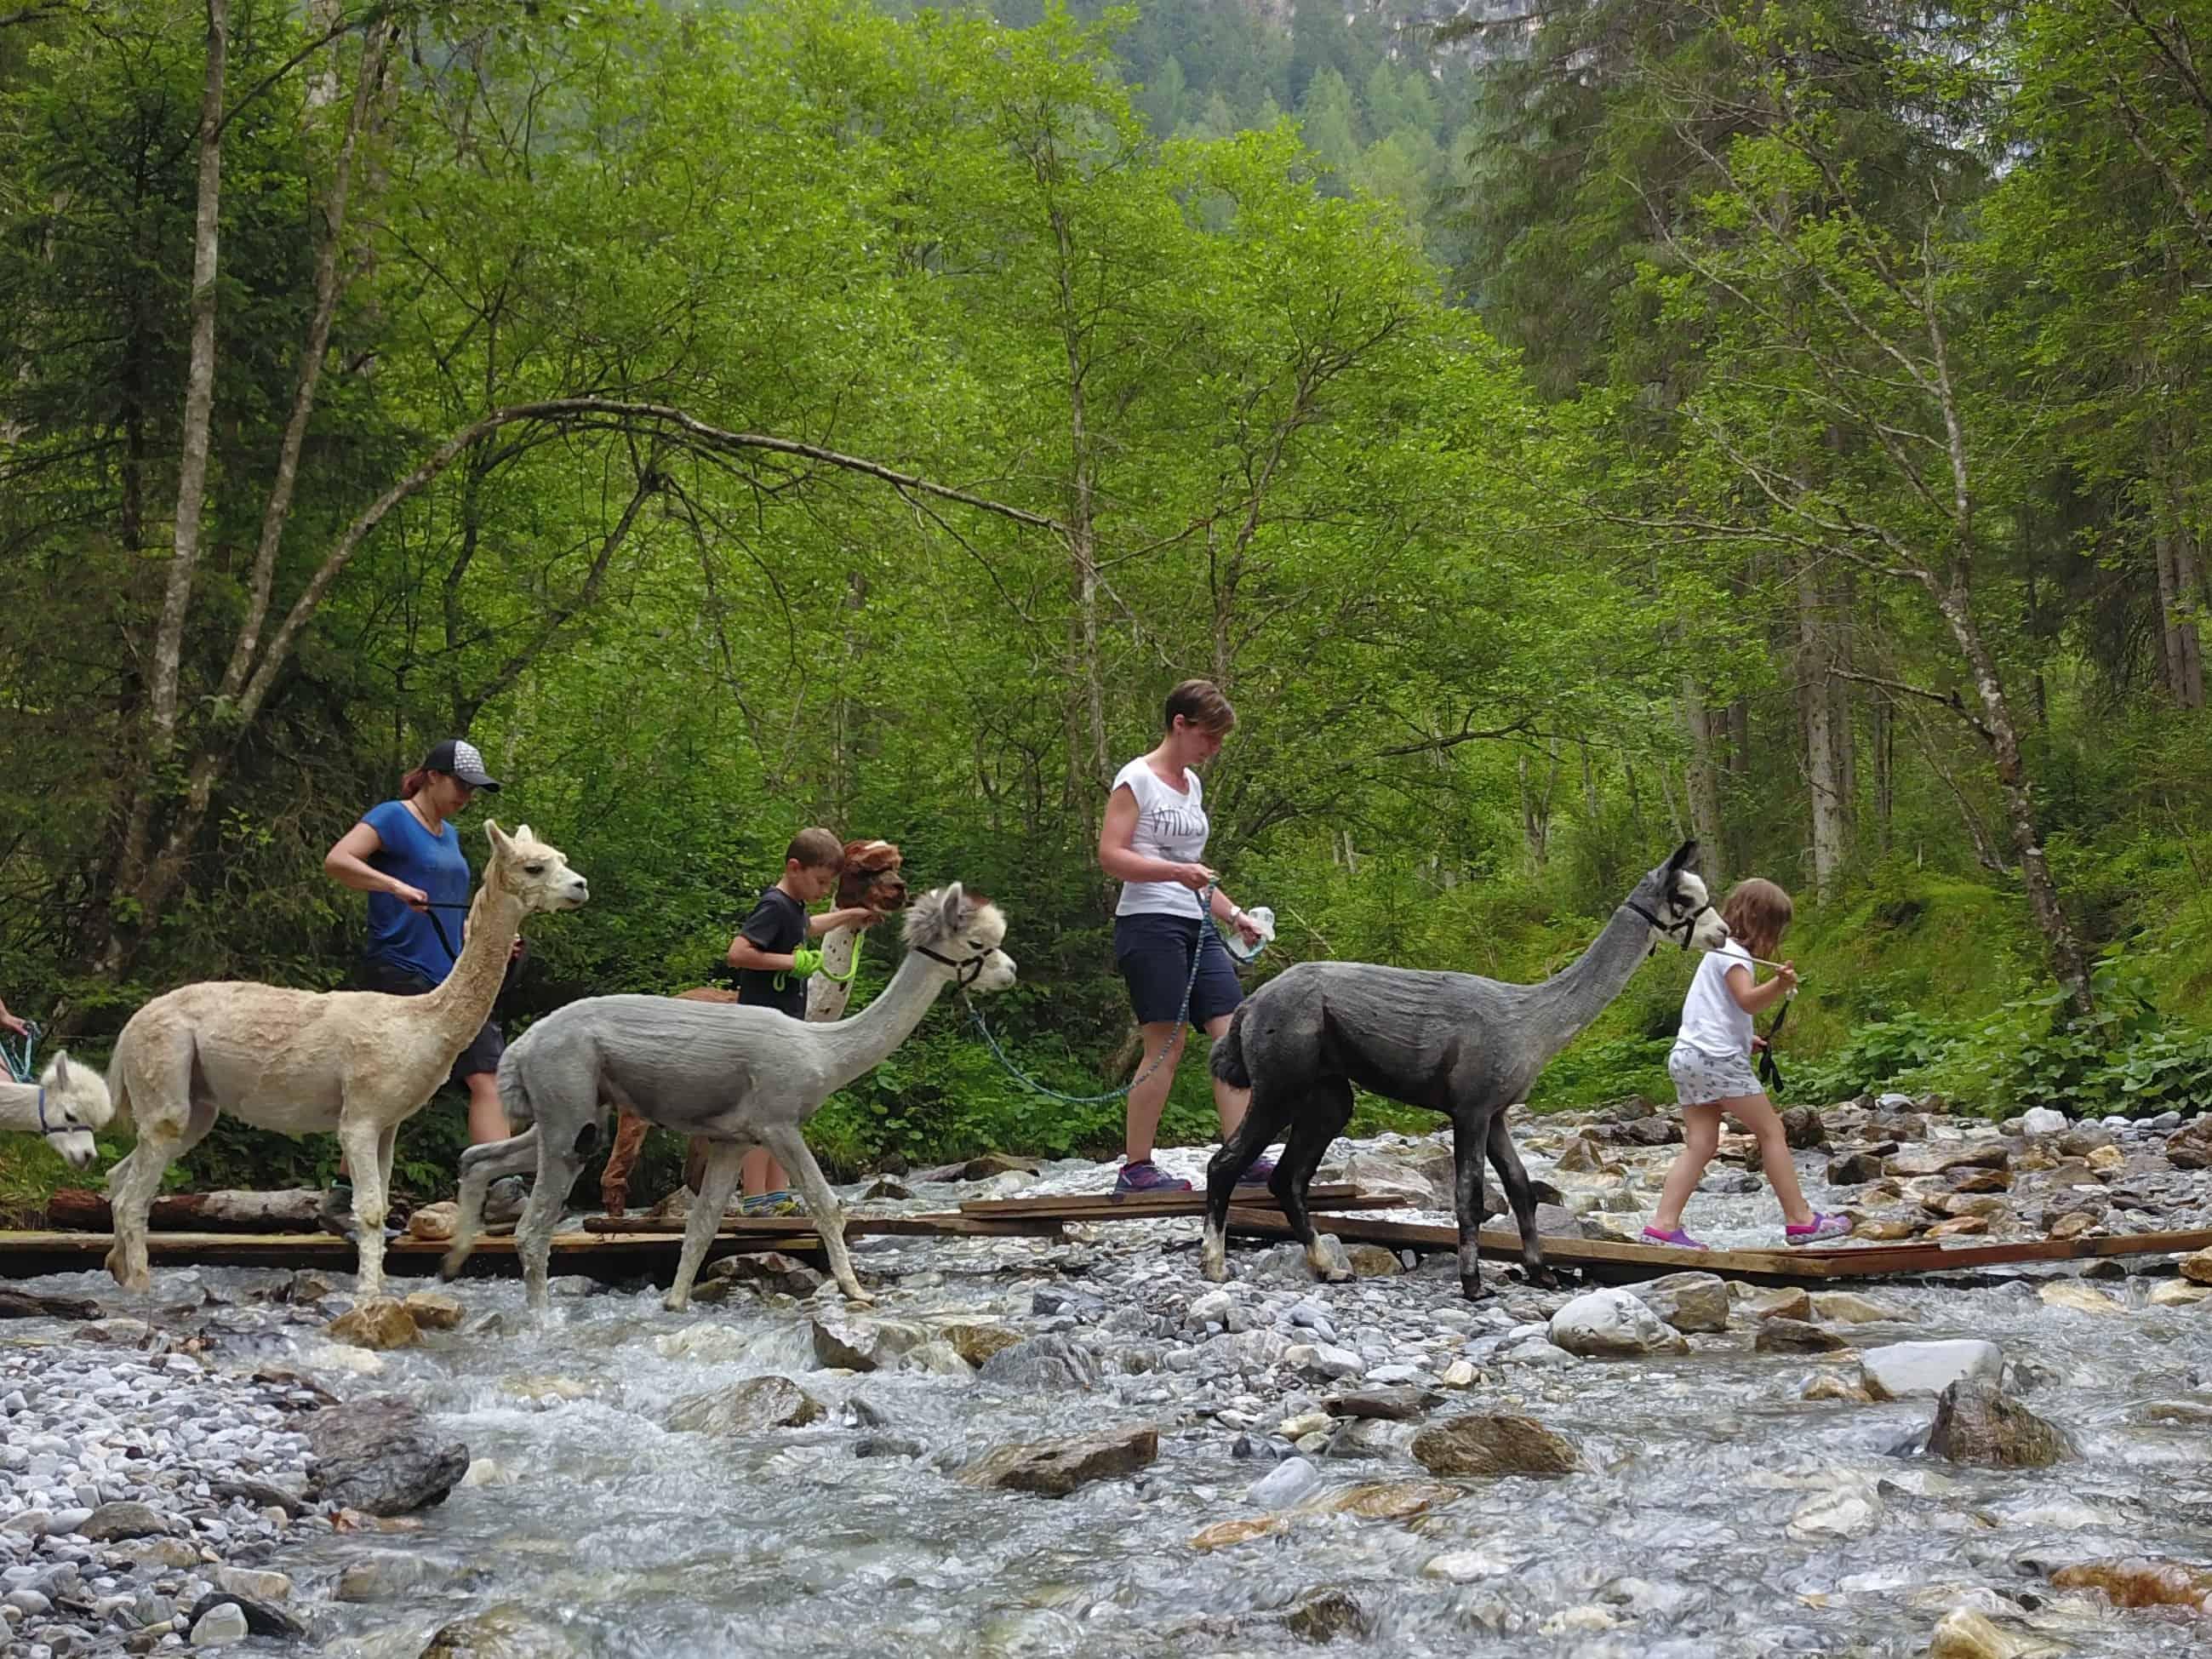 DJI_0228-1 Alpakas Fotos